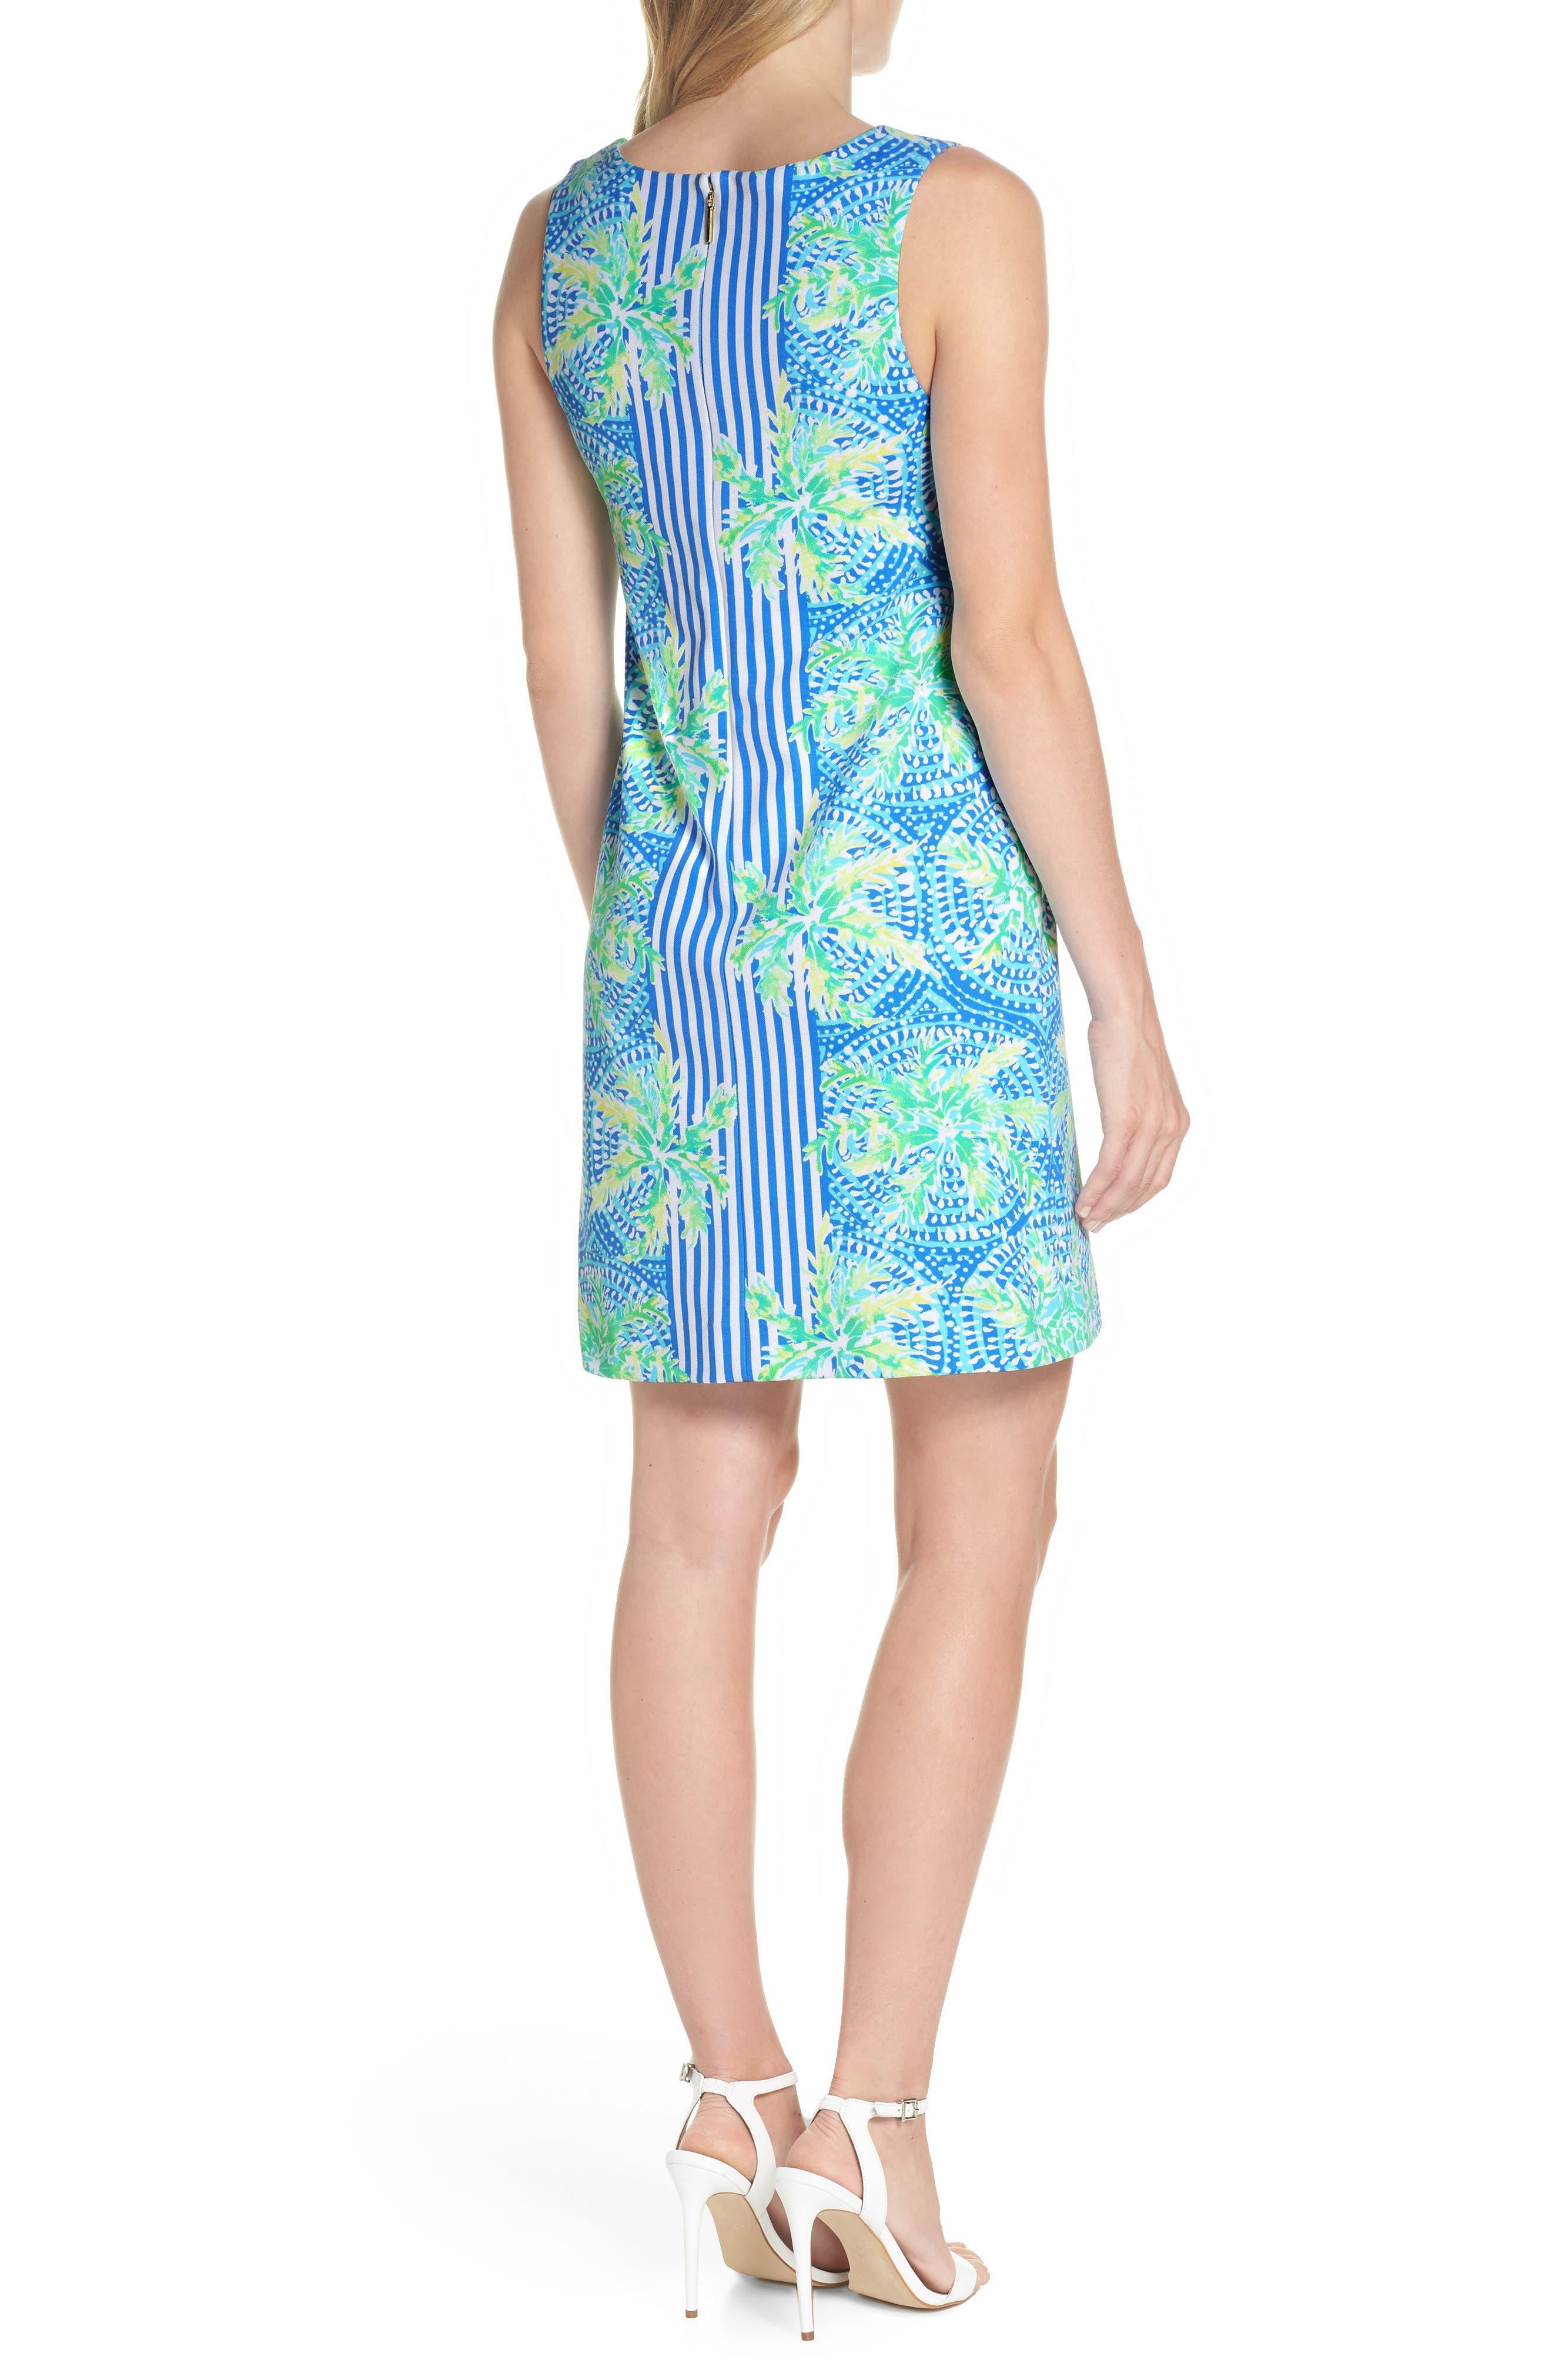 Chiara Stripe & Floral Print Dress,                             Alternate thumbnail 2, color,                             420